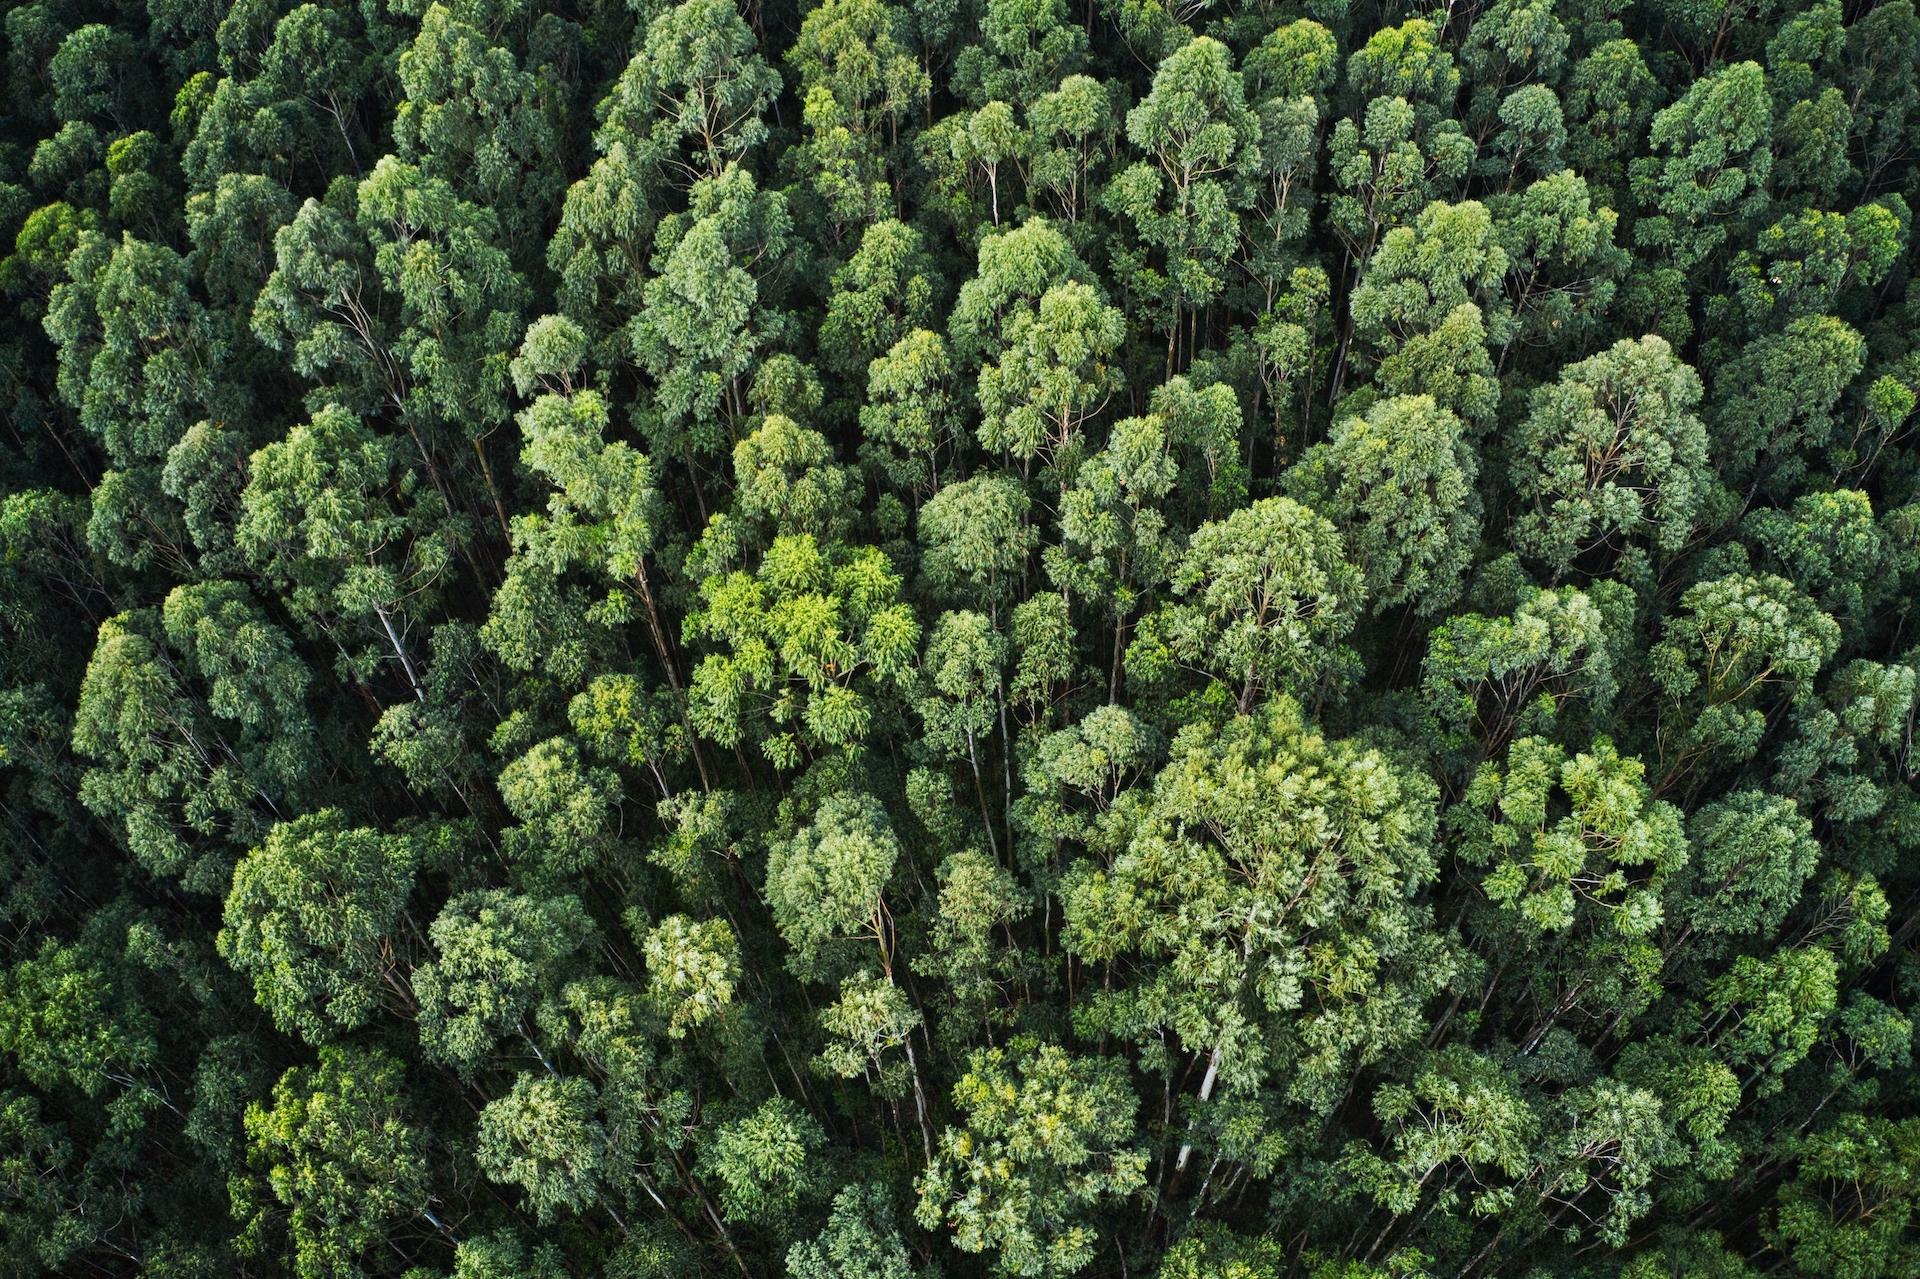 Le etichette indipendenti si impegnano nella riforestazione.